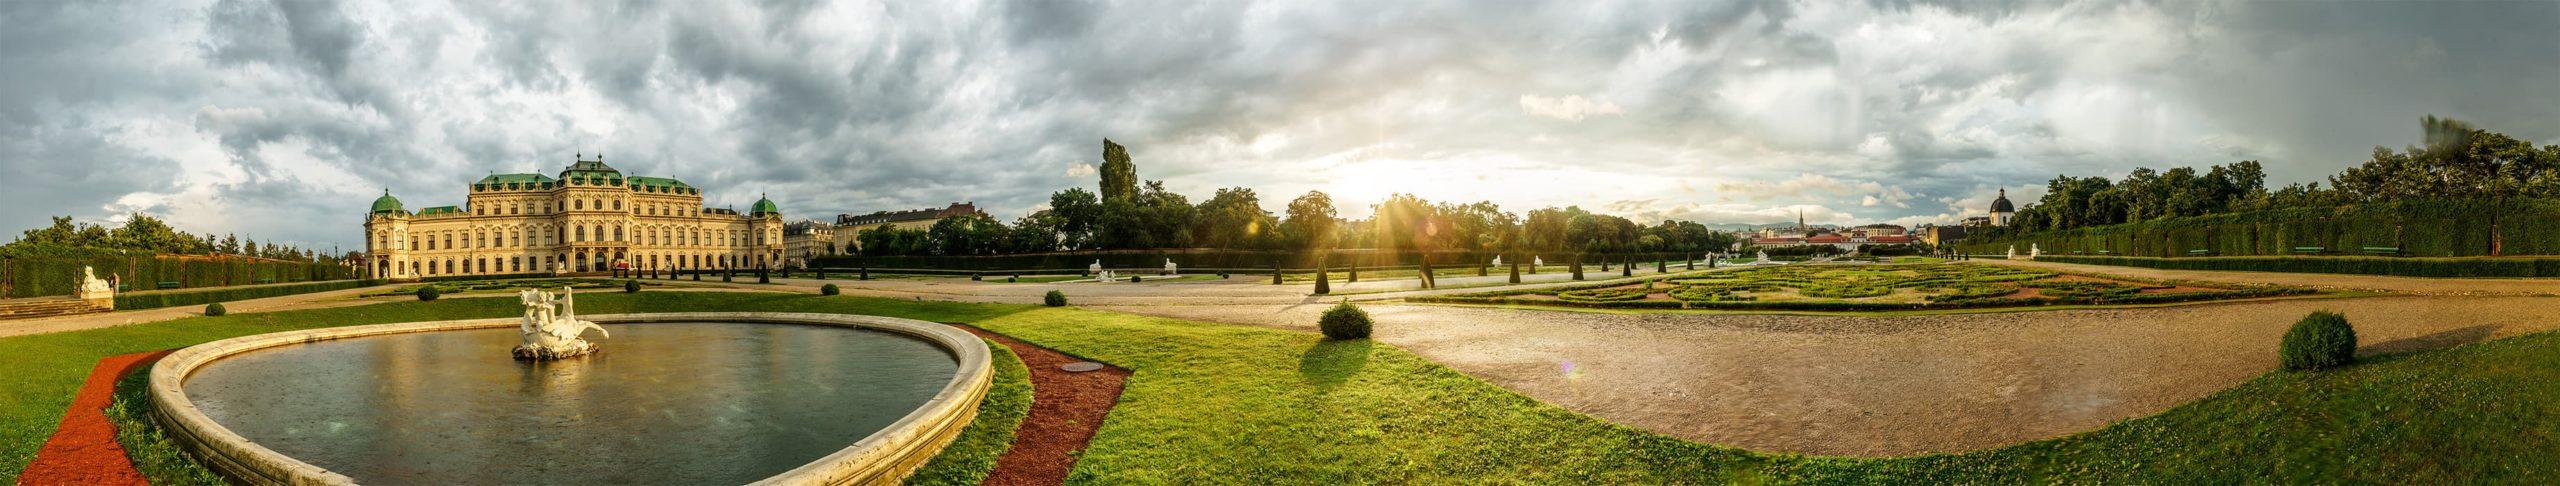 wien-panorama-belvedere